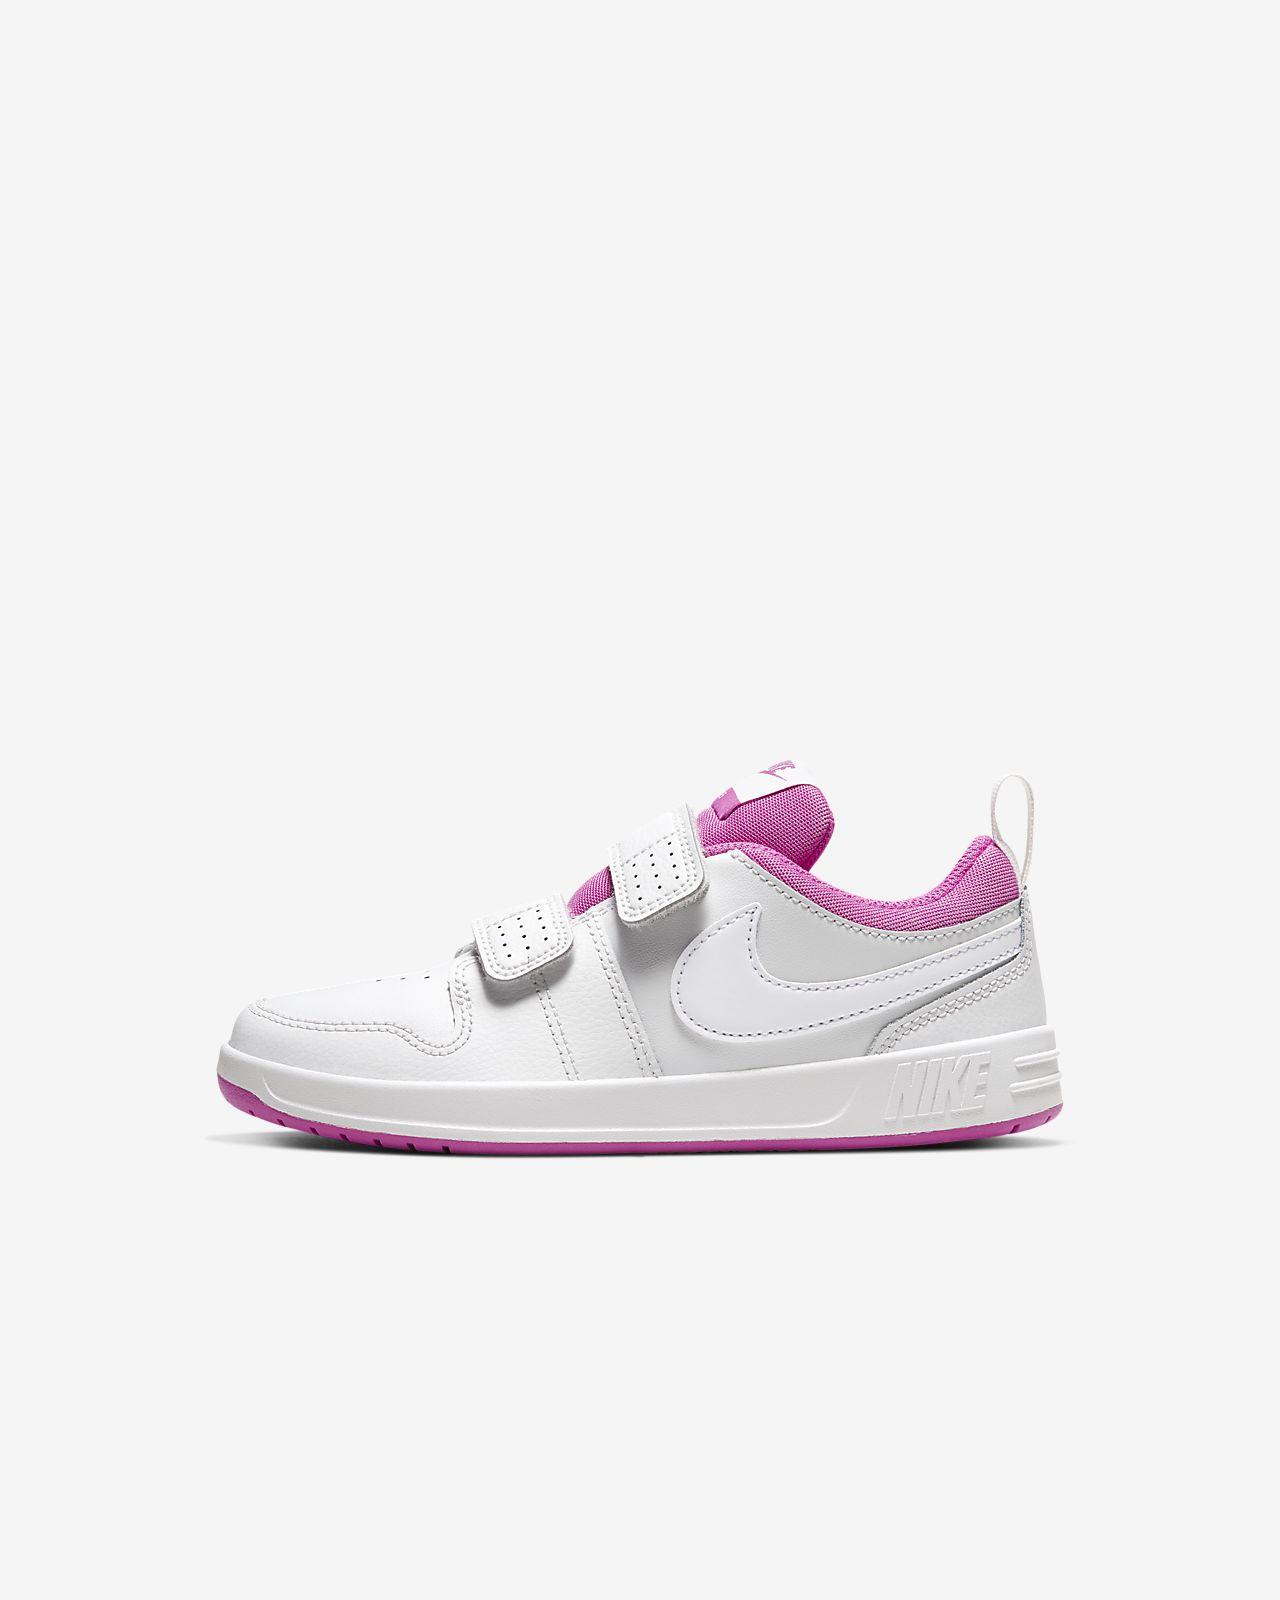 Chaussure Nike Pico 5 pour Jeune enfant